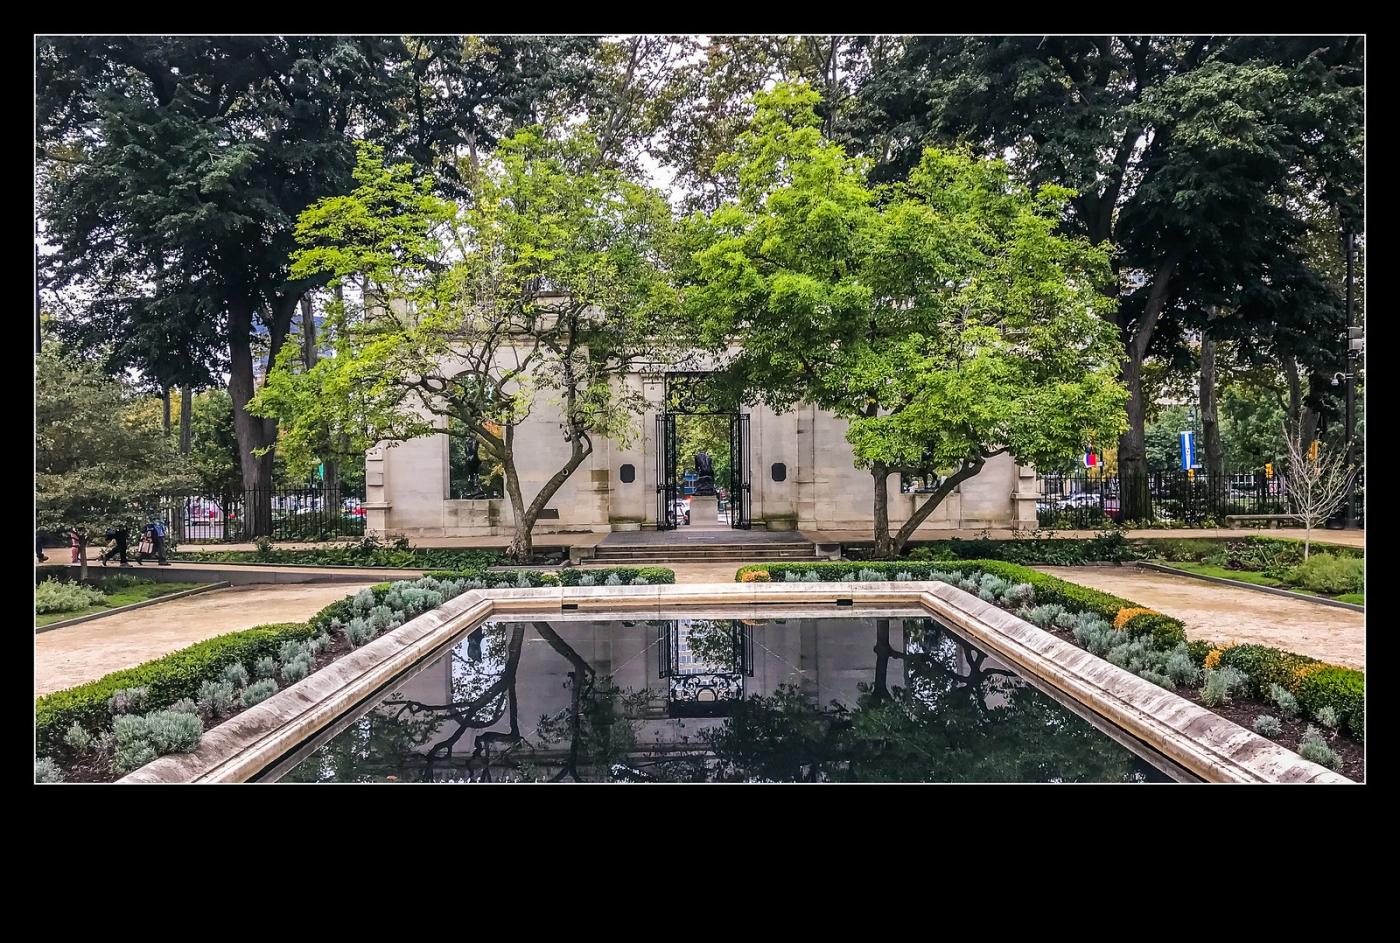 费城罗丹博物馆,值得一看(手机摄影)_图1-9